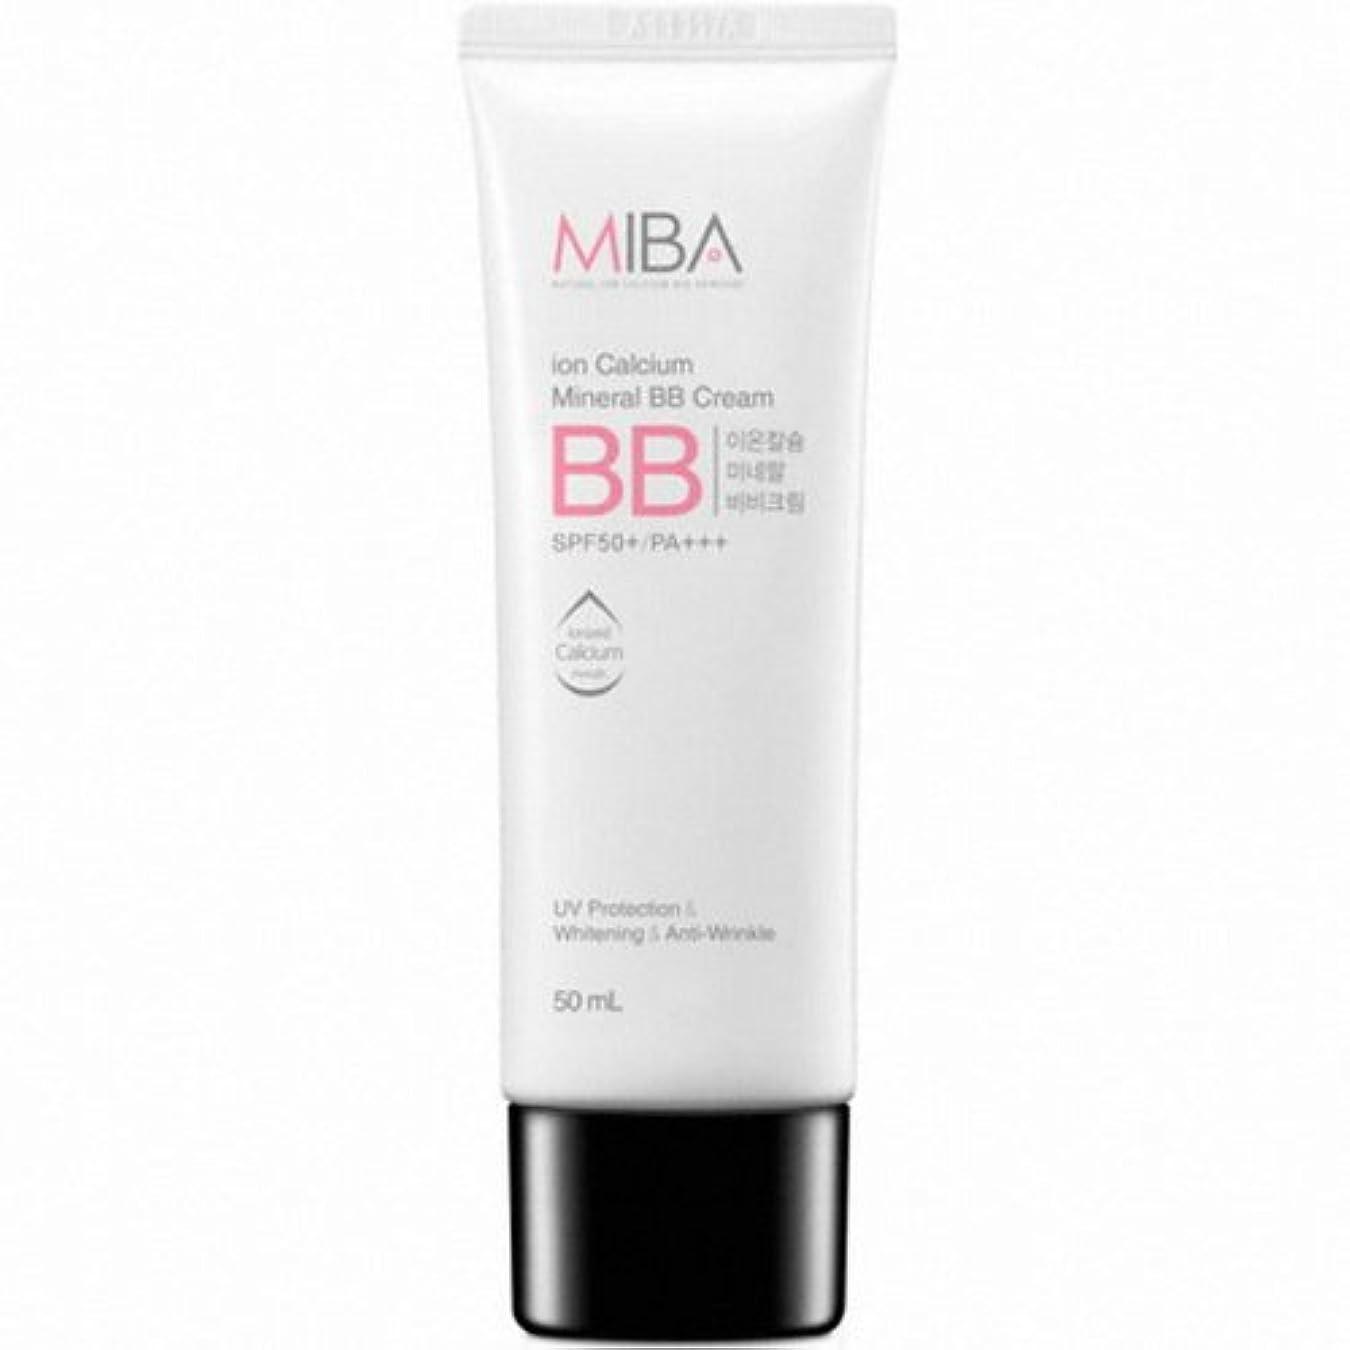 水没囚人靴MINERALBIO (ミネラルバイオ) ミバ イオン カルシウム ミネラル ビビクリーム / MIBA Ion Calcium Mineral BB Cream (50ml) [並行輸入品]